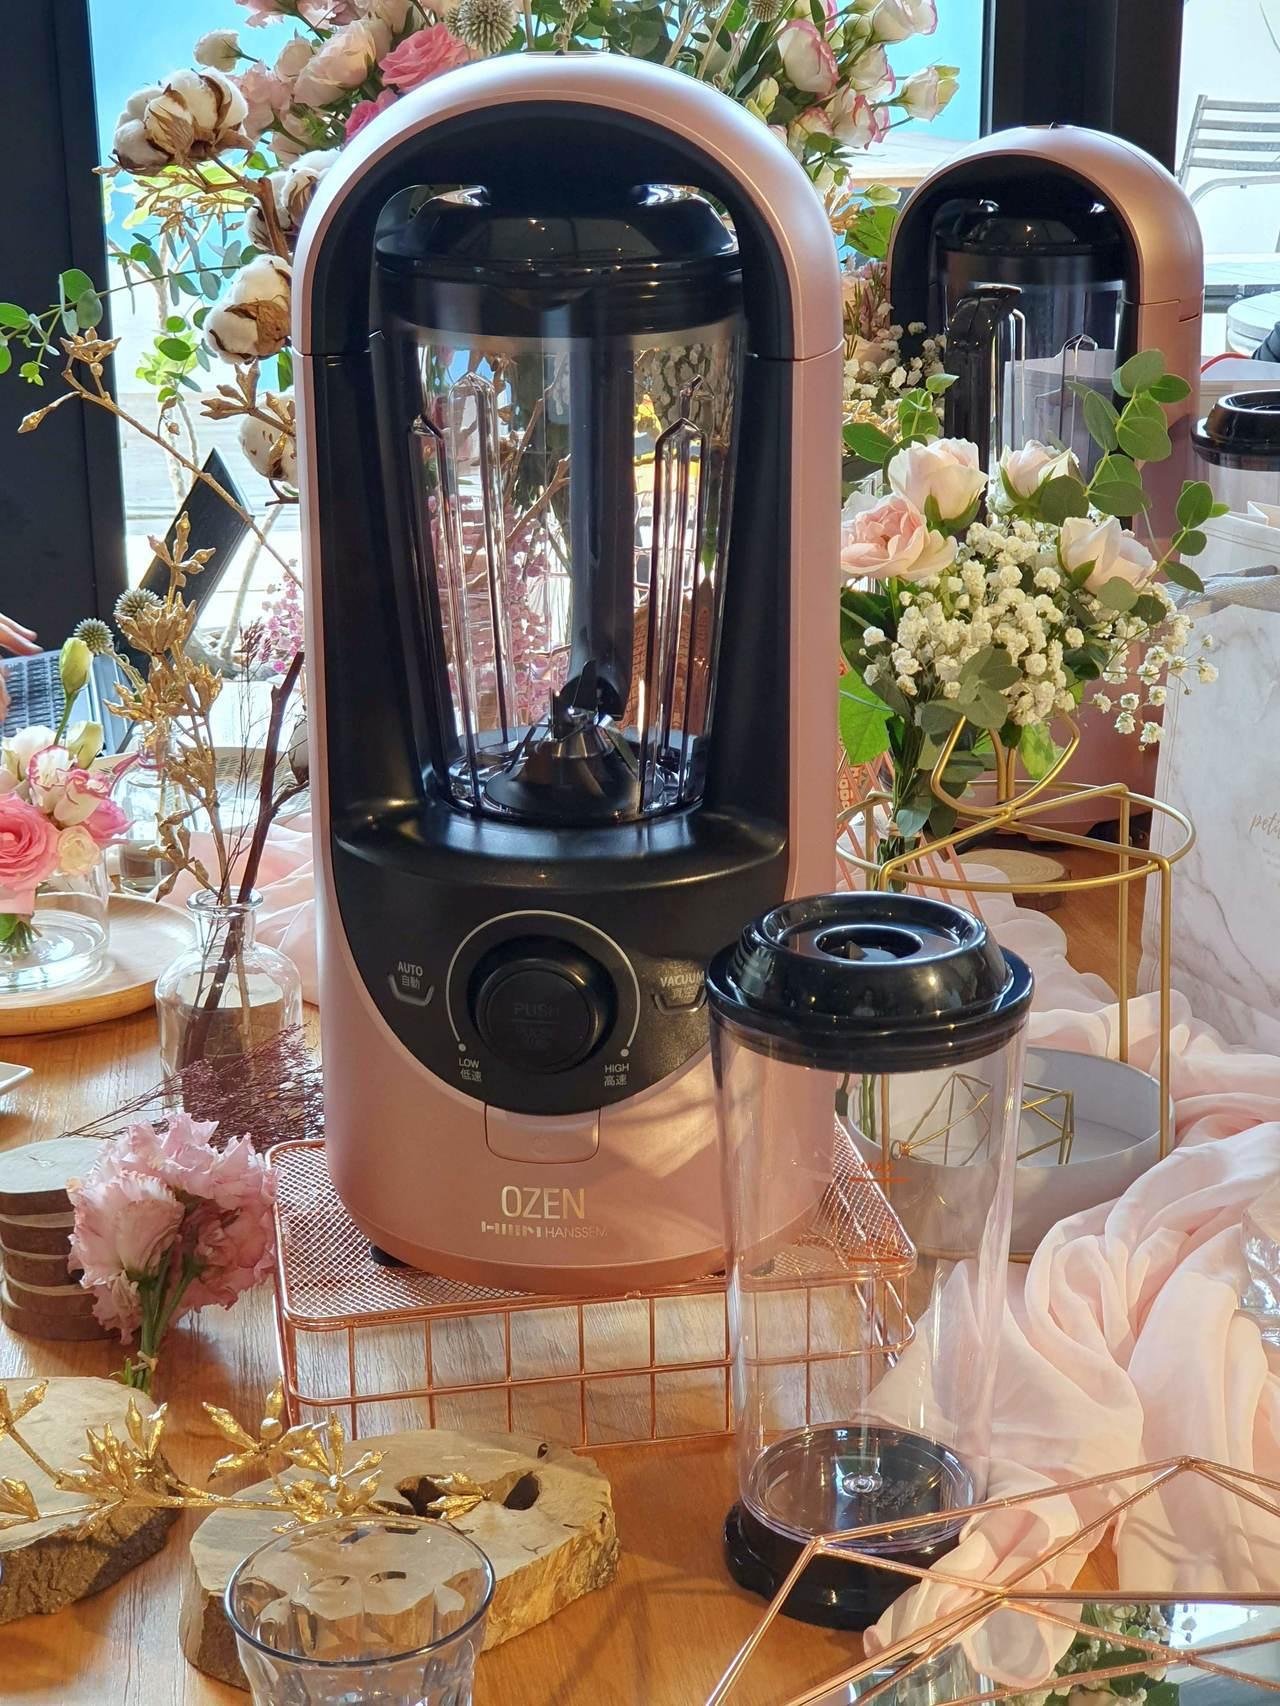 OZEN真空抗氧破壁調理機,建議售價29,800元。記者黃筱晴/攝影